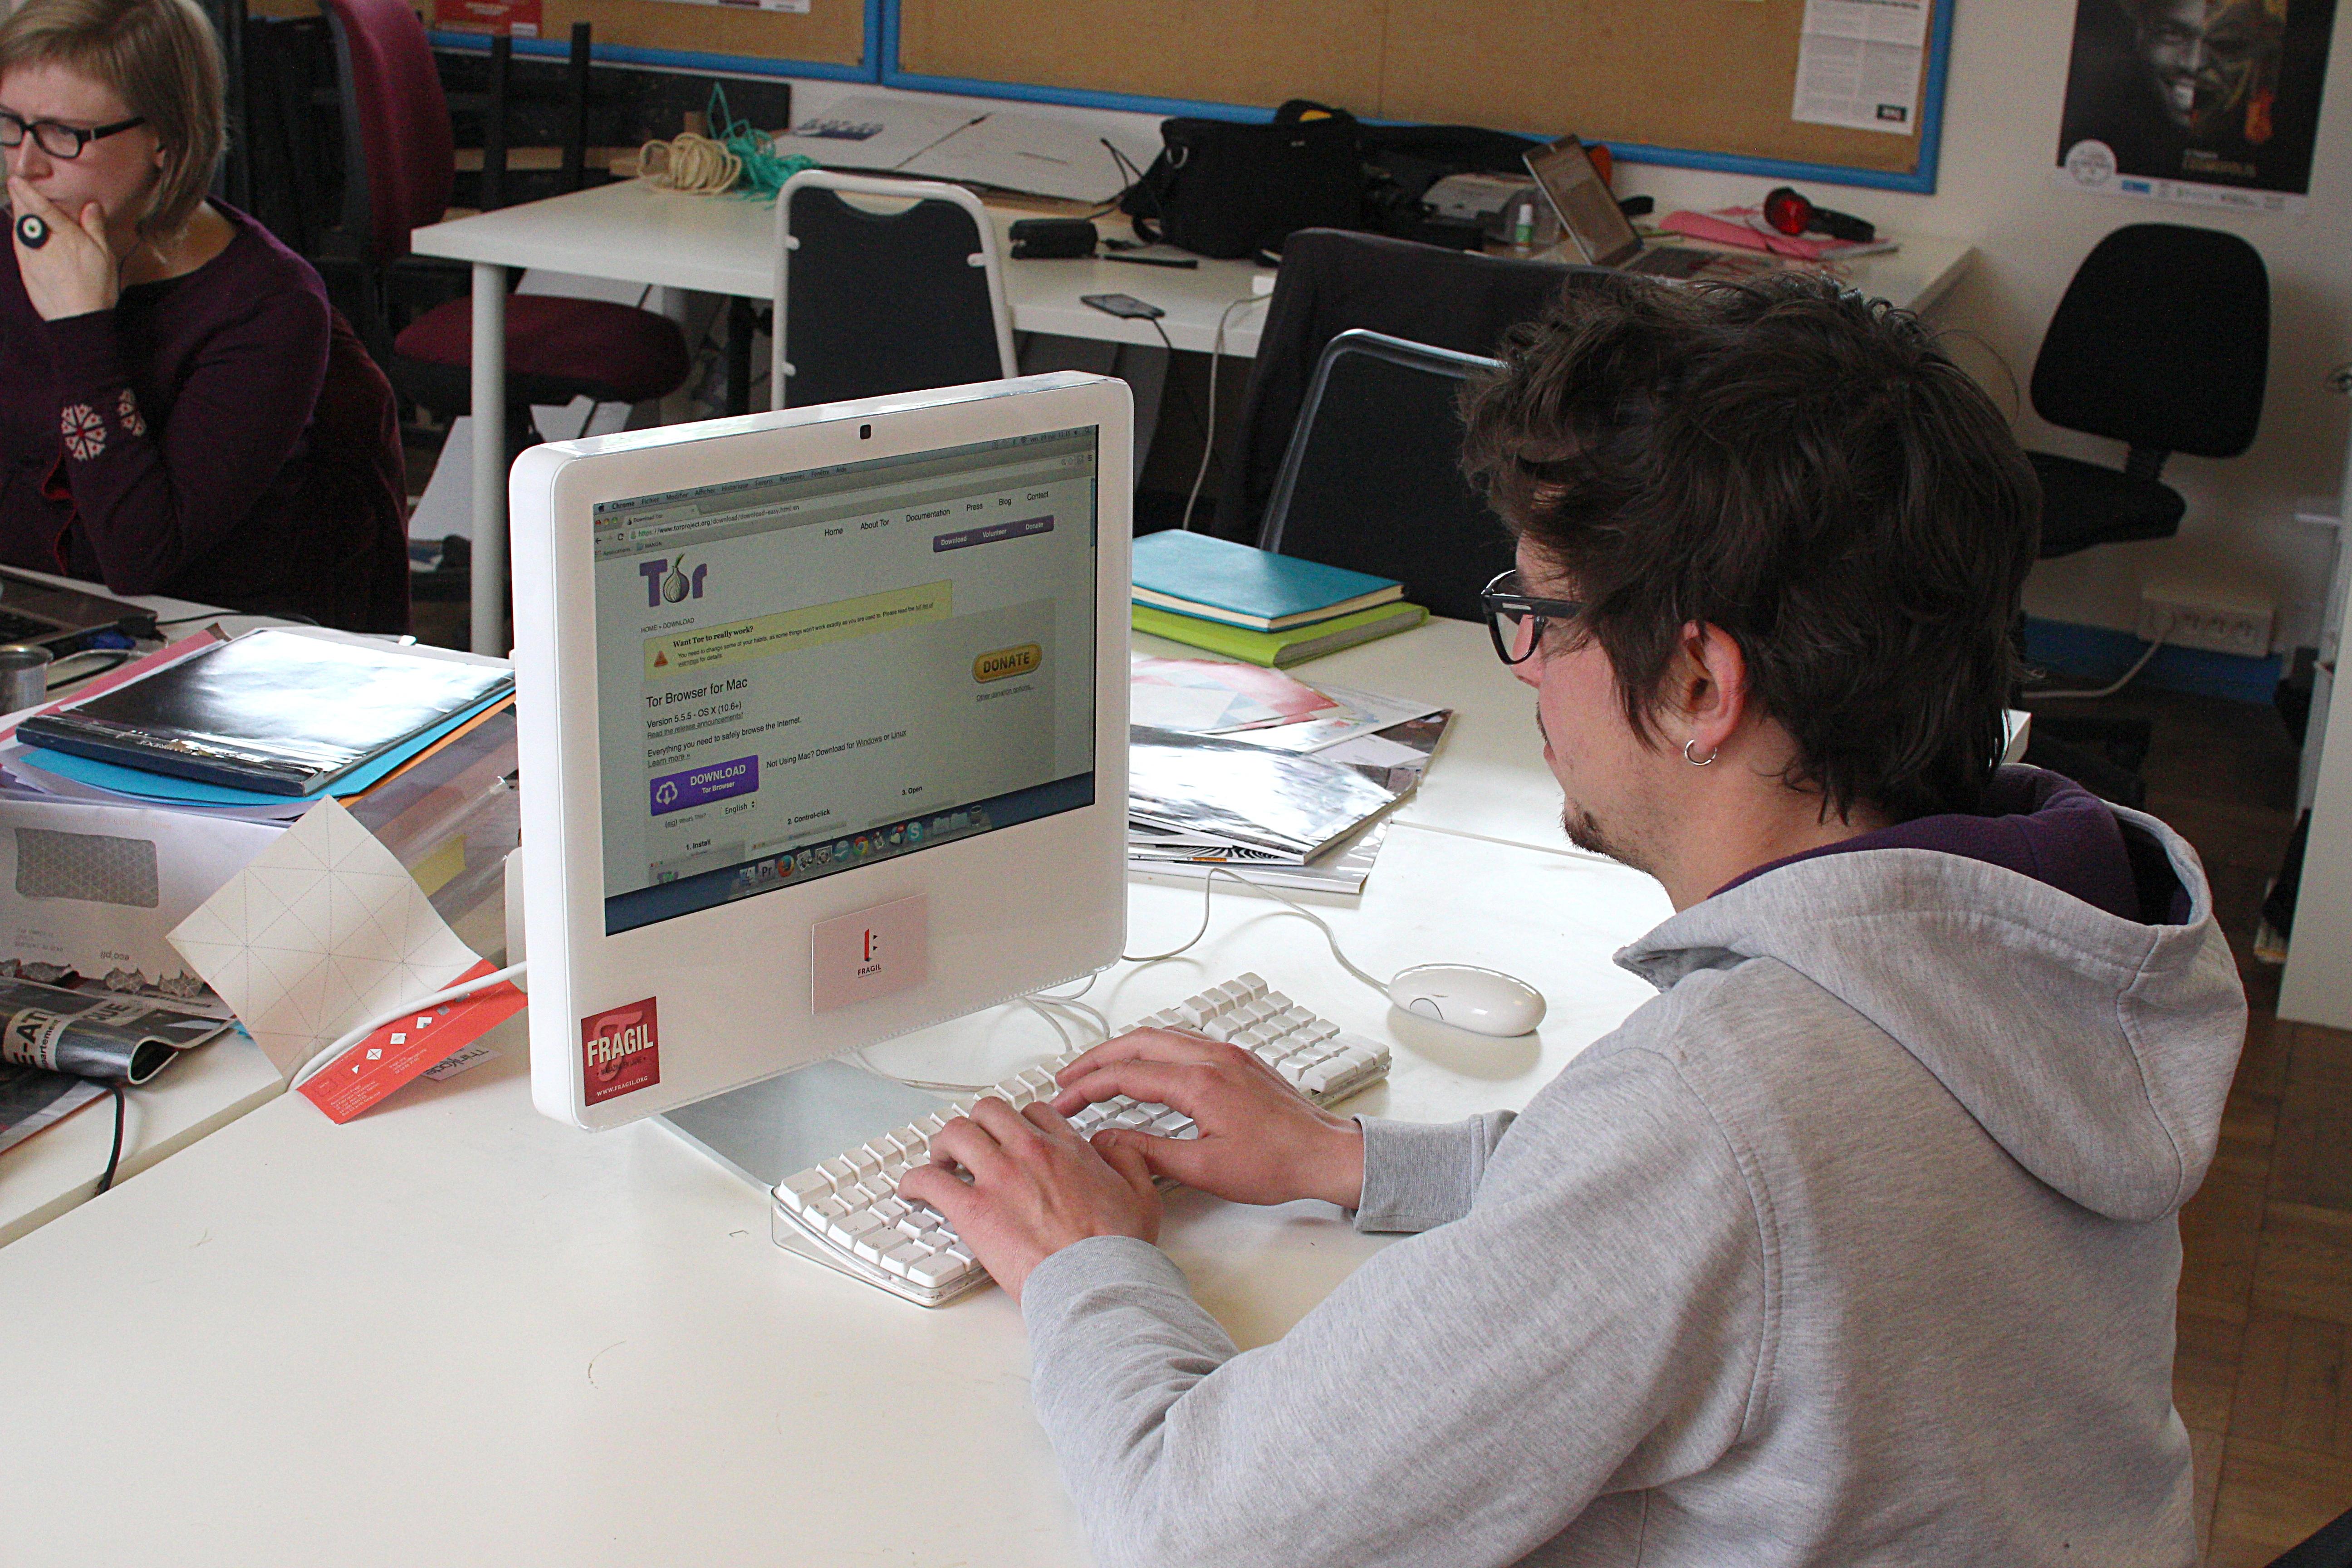 notre ordinateur laisse plein d'autres traces sur le web, qui sont autant de critères d'identification